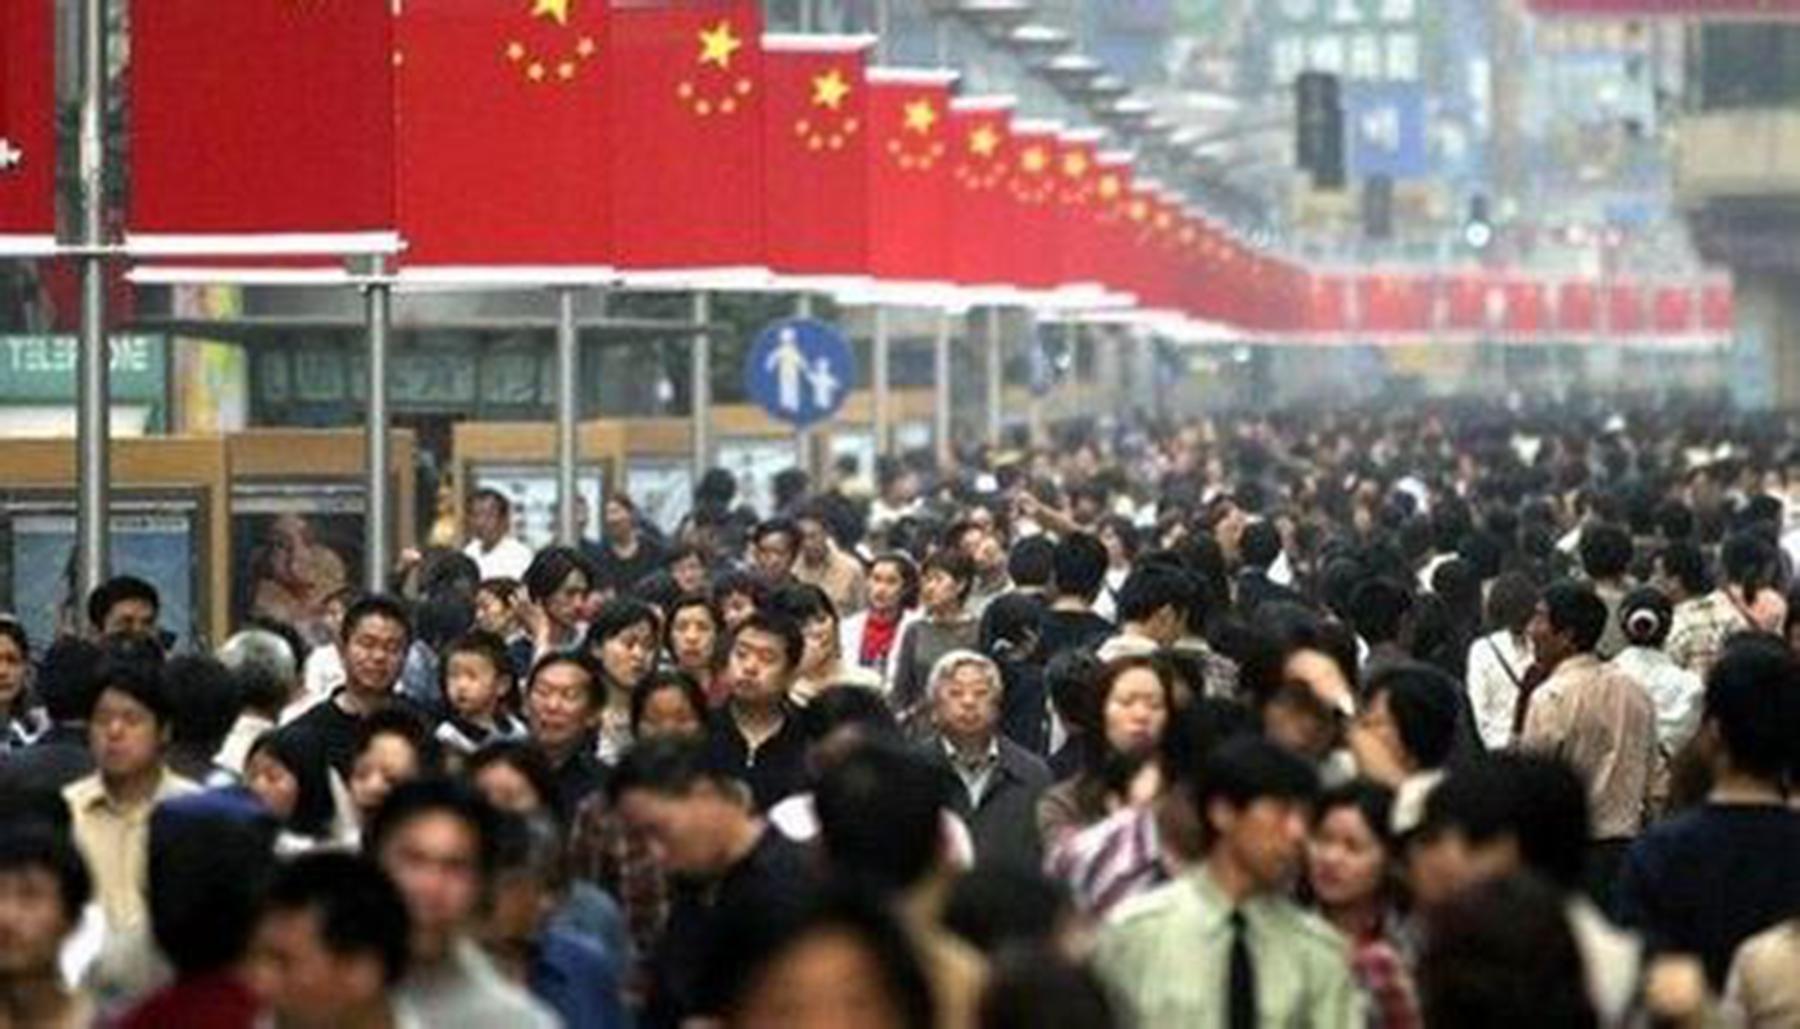 我国经济总量那一年超过日本_日本经济